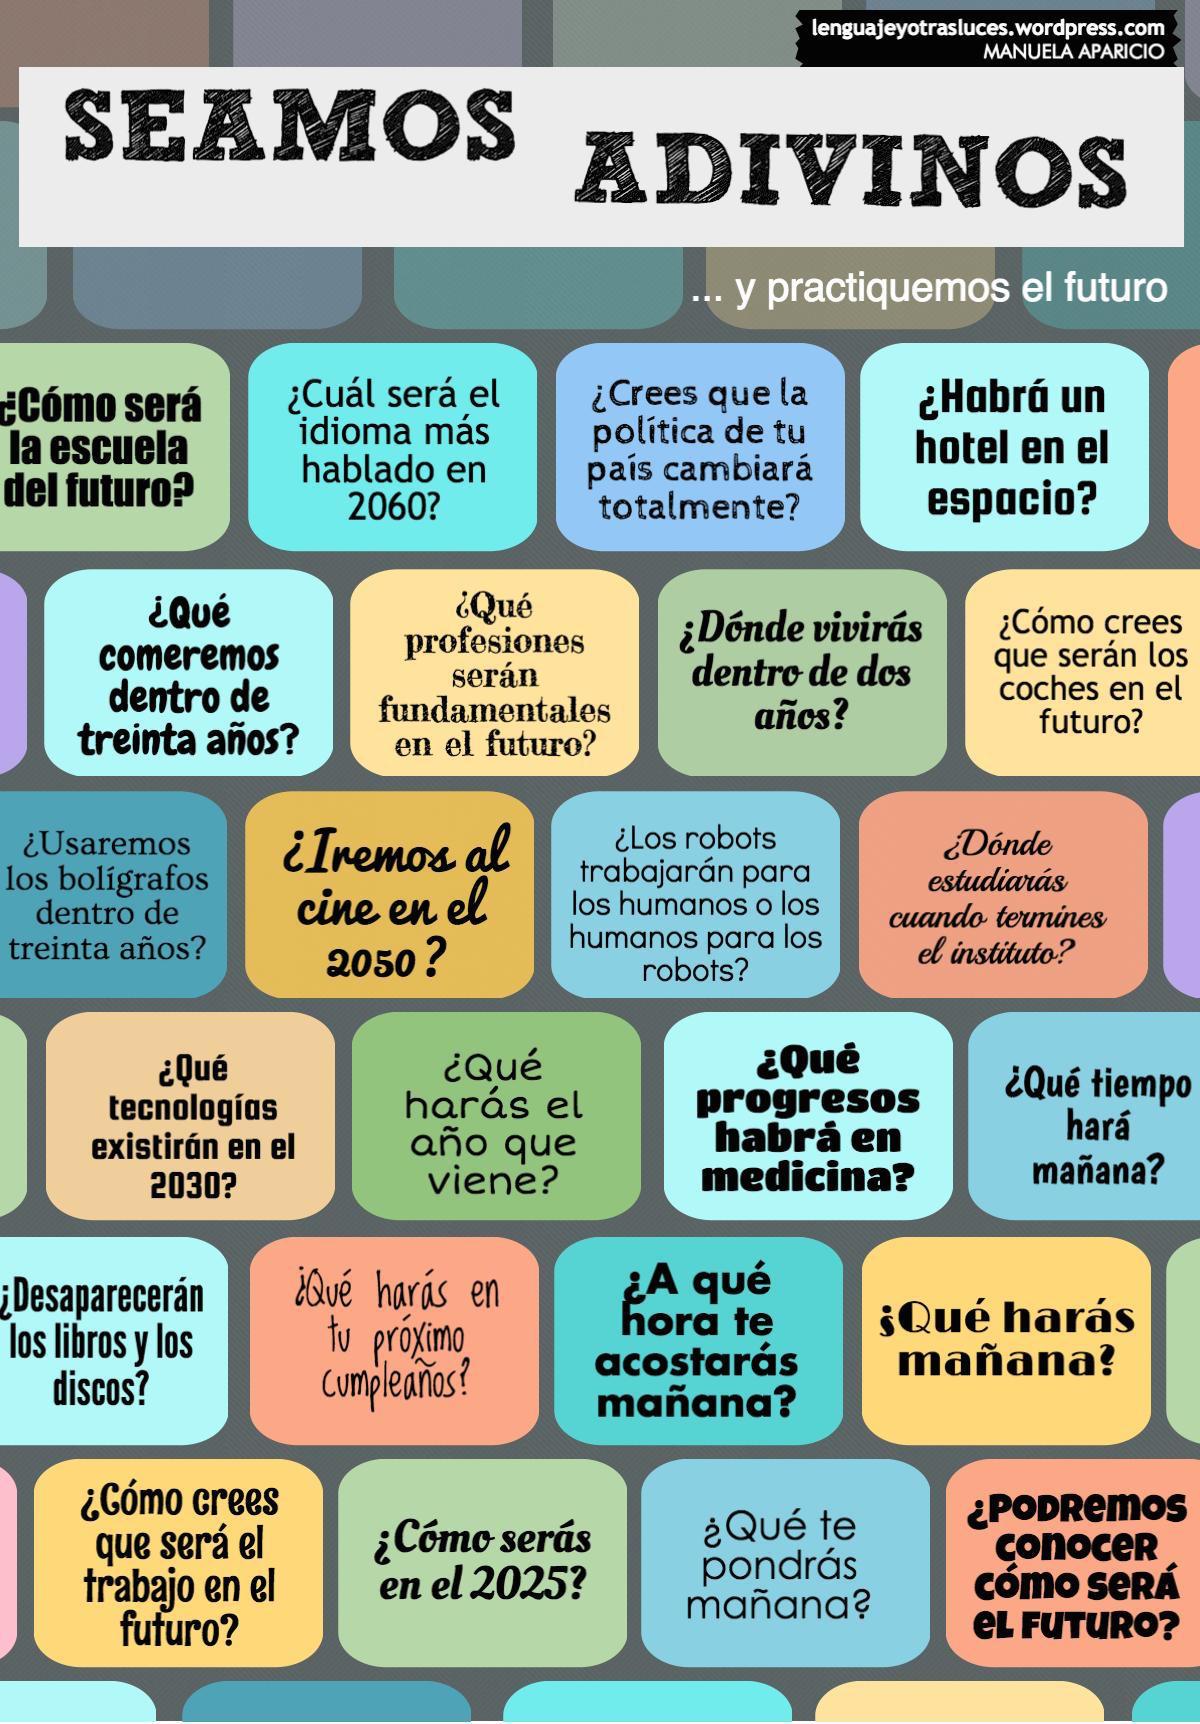 Seamos adivinos… y practiquemos el futuro en español